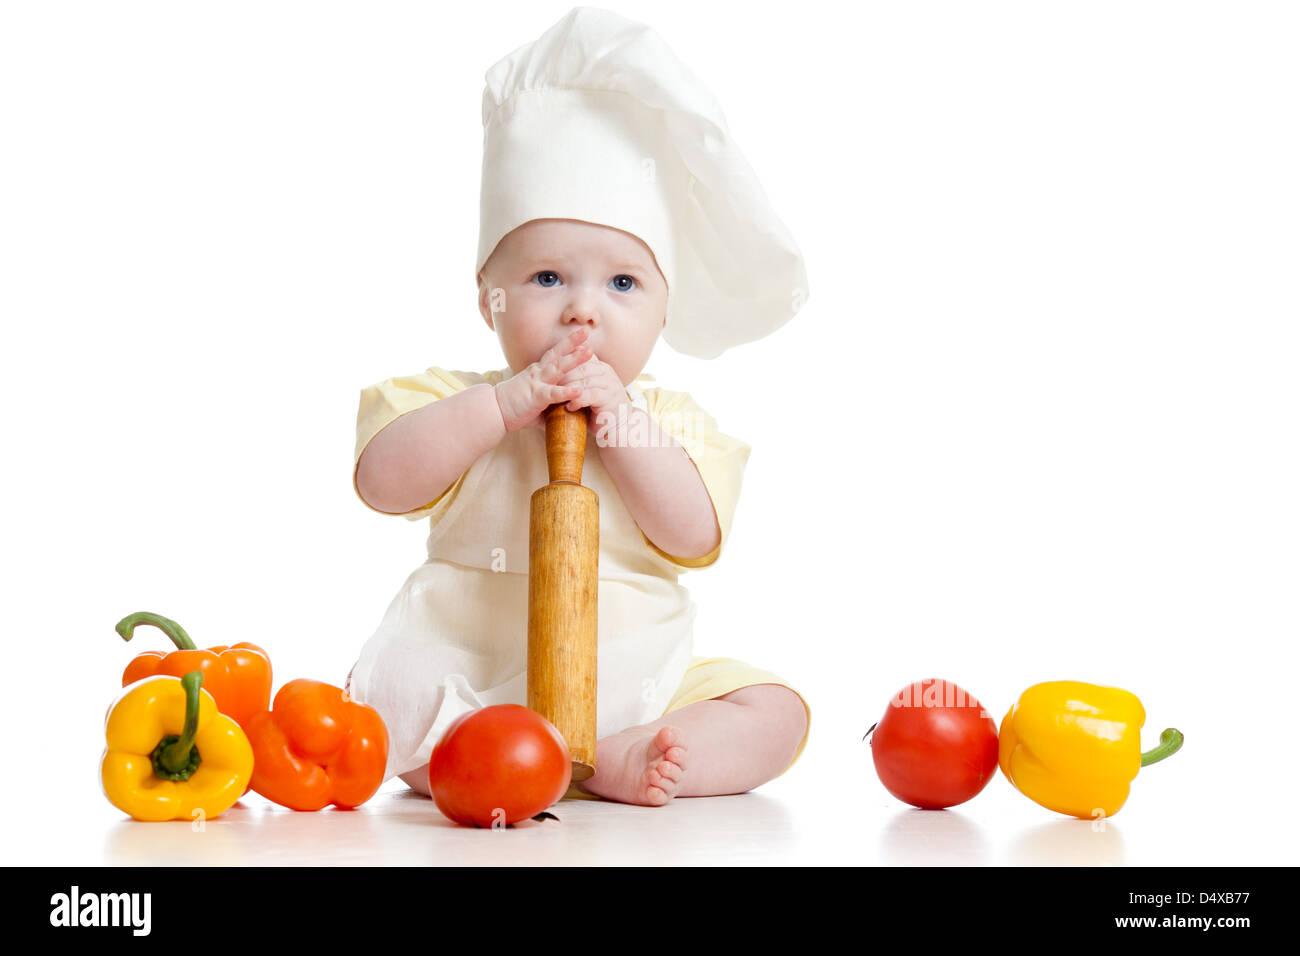 Retrato de un bebé vistiendo un sombrero de chef con alimentos saludables 315fcfc44638